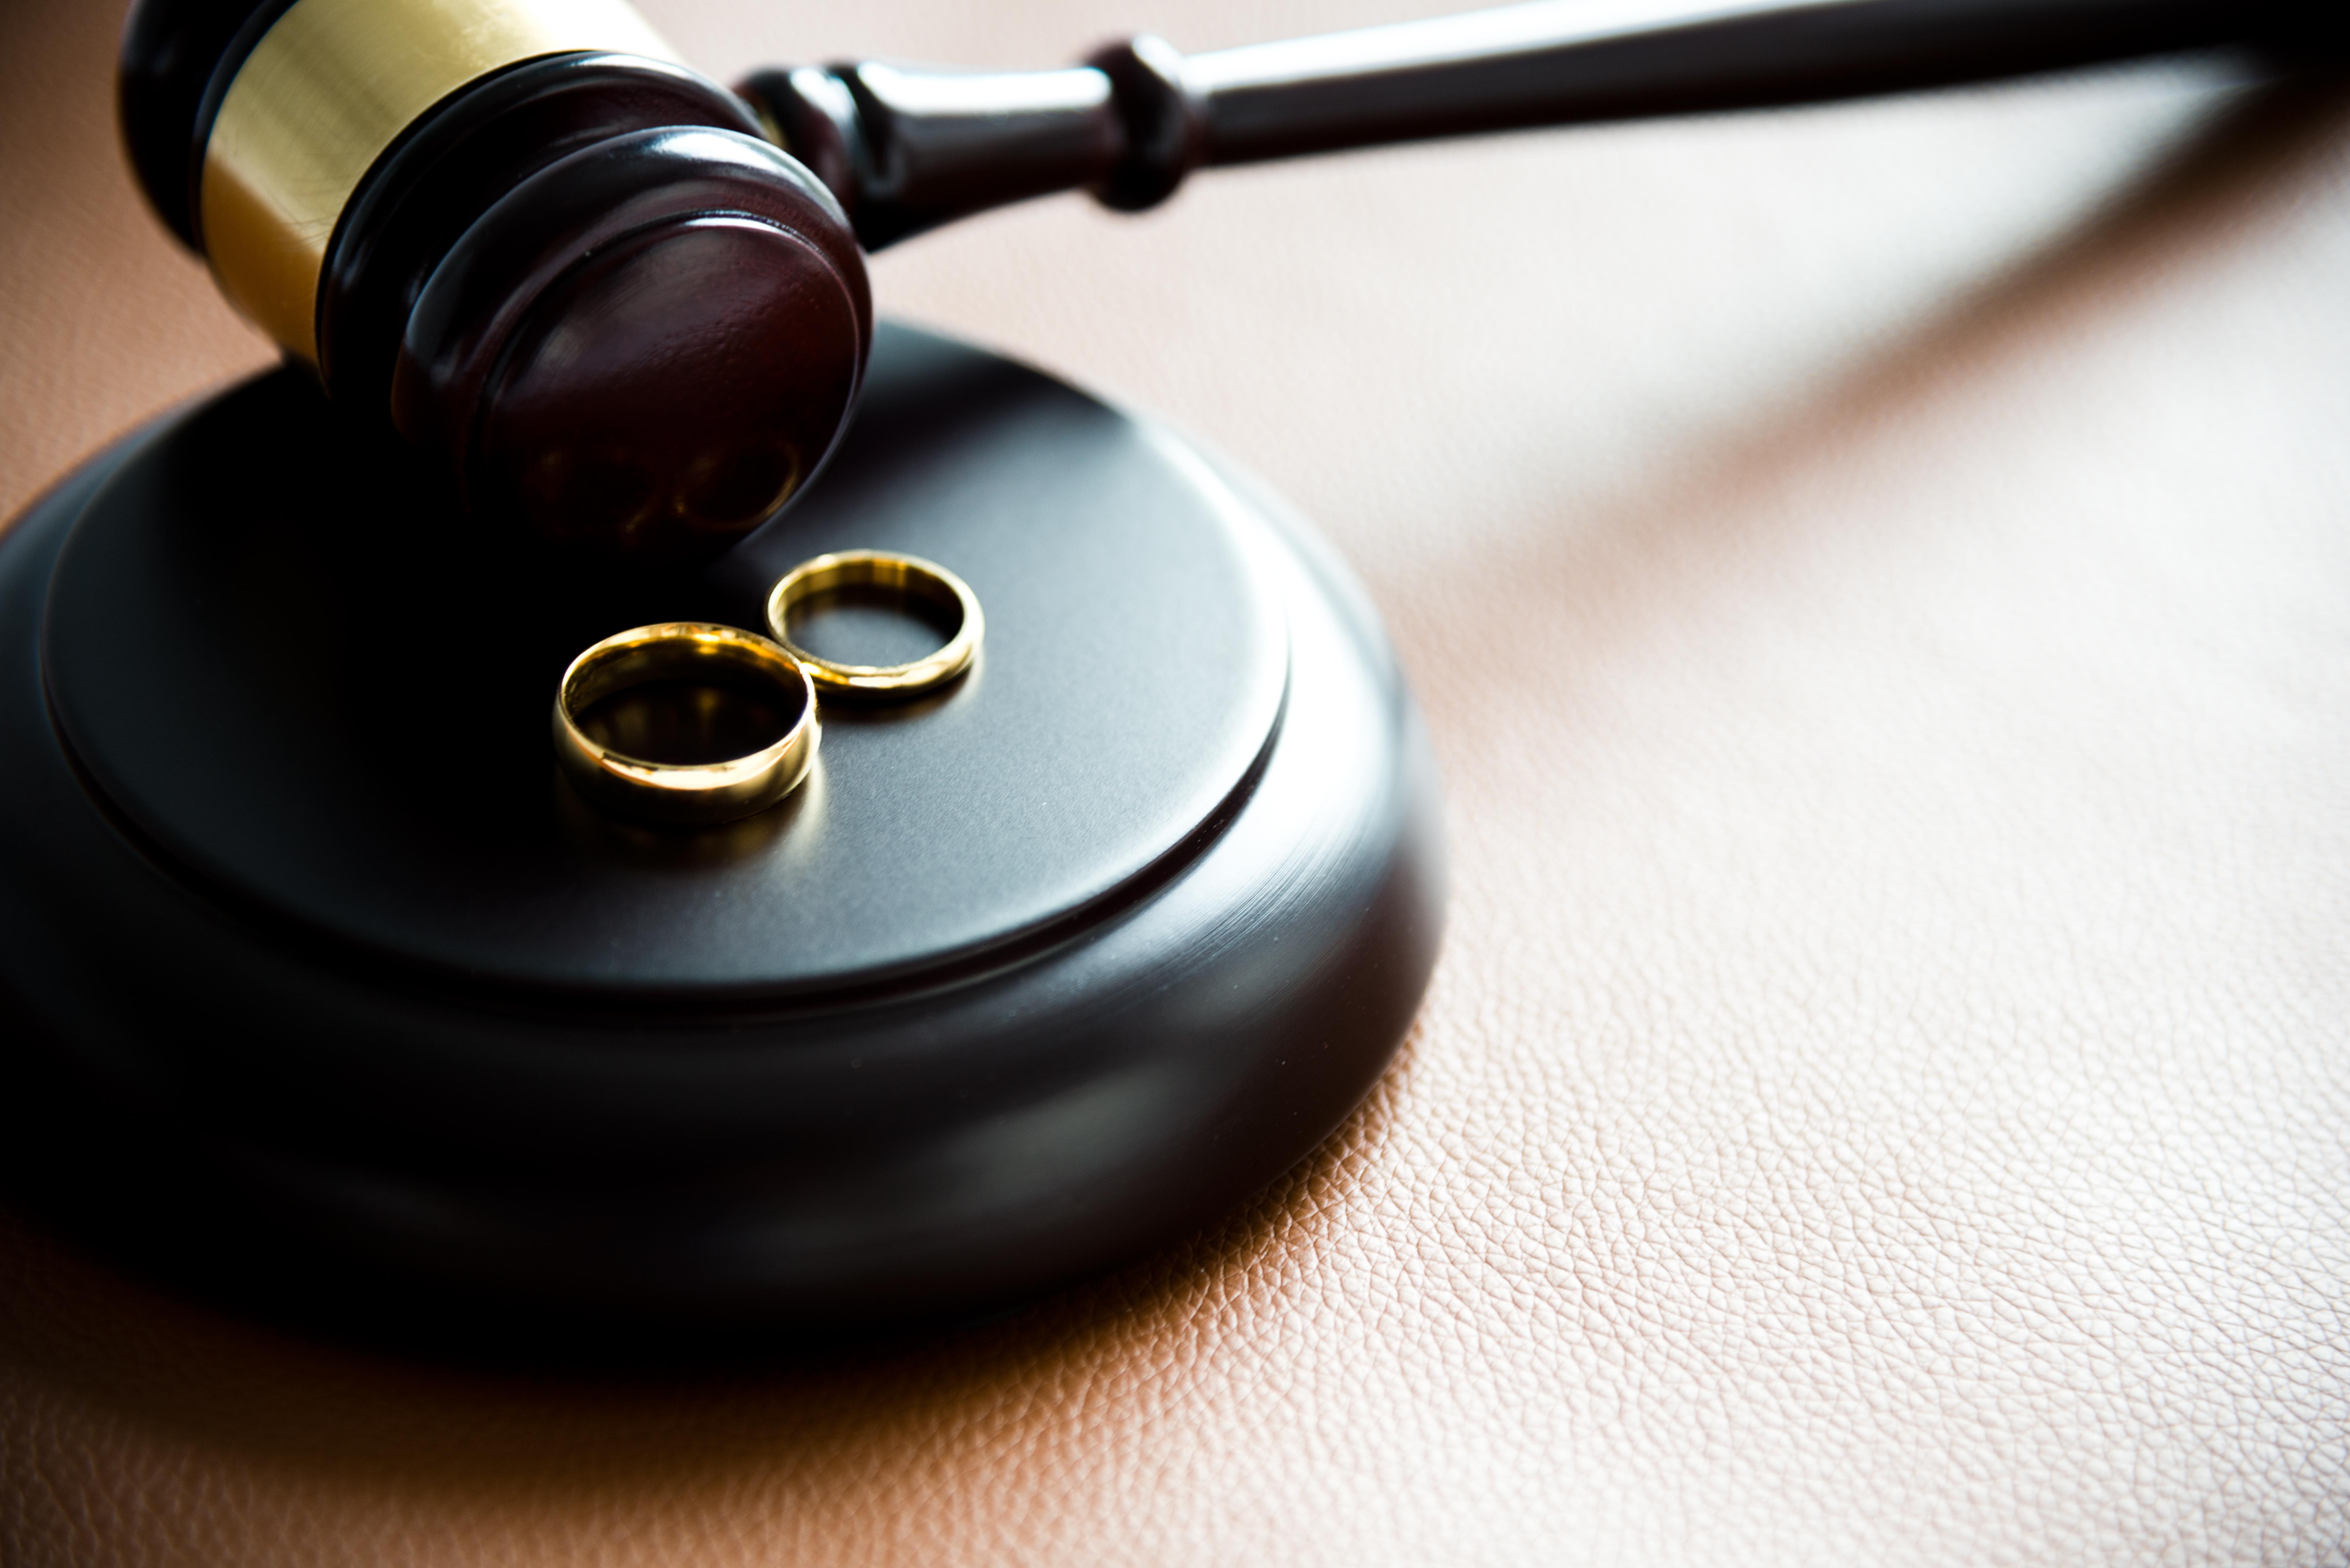 Nuovo Video Corso a cura dell'esperta Gianna Nencini -  La trascrizione delle sentenze di separazione e divorzio provenienti dall'estero